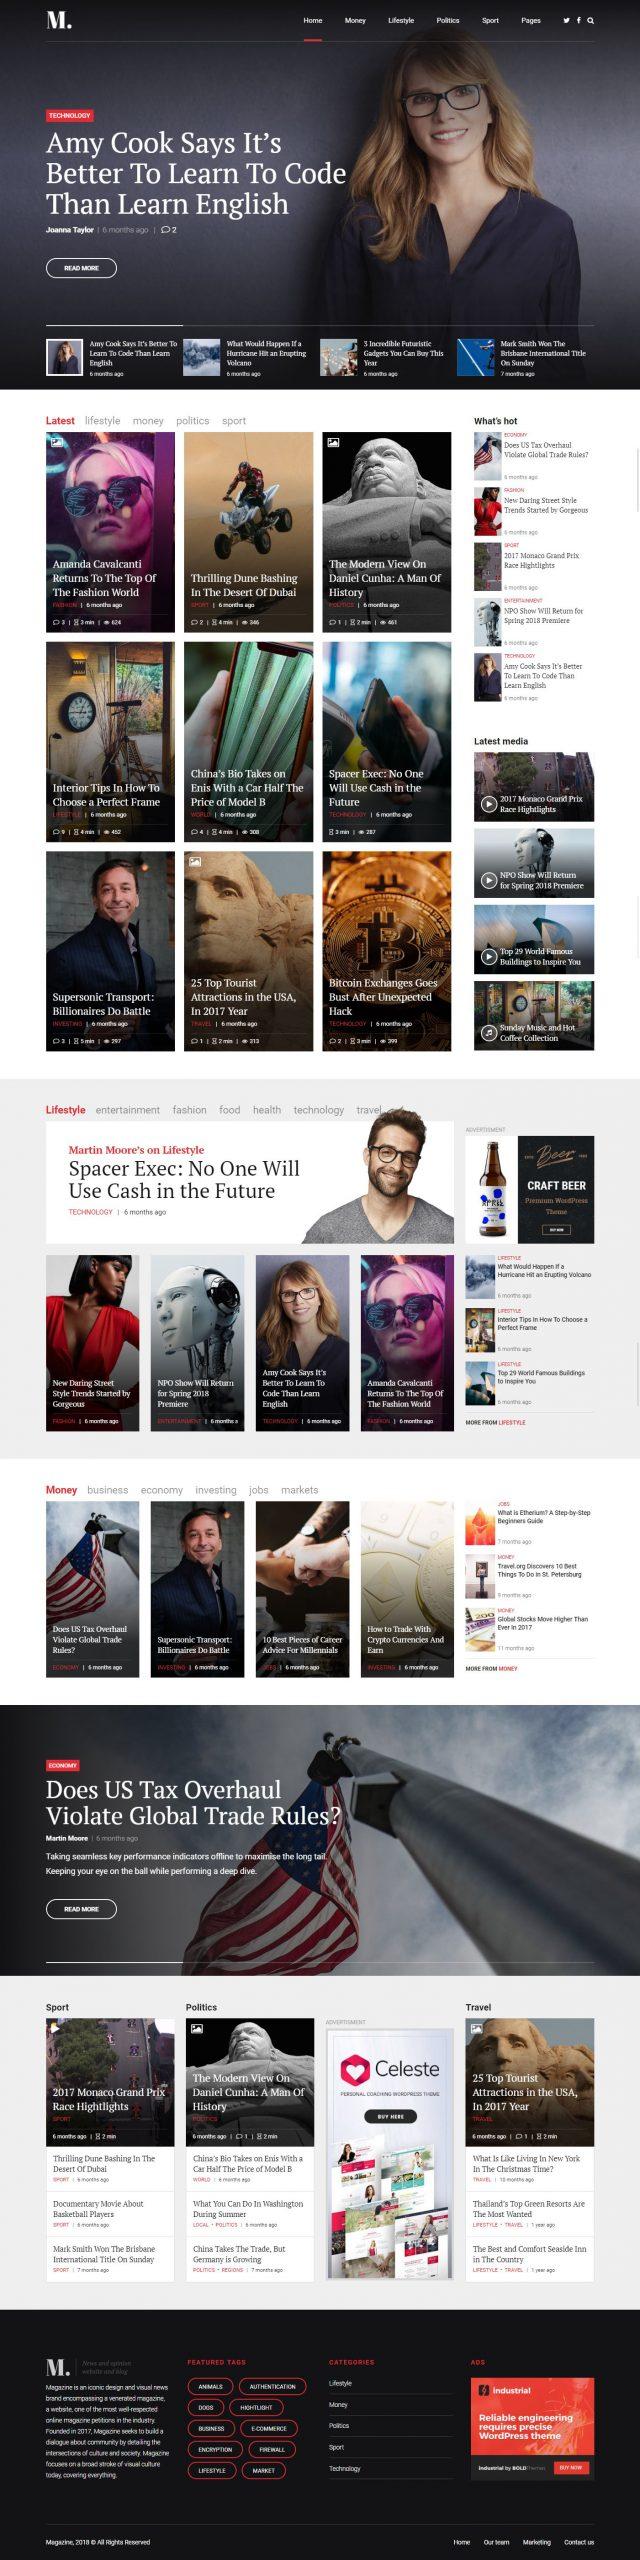 newstar wordpress theme magazine homepage layout 1